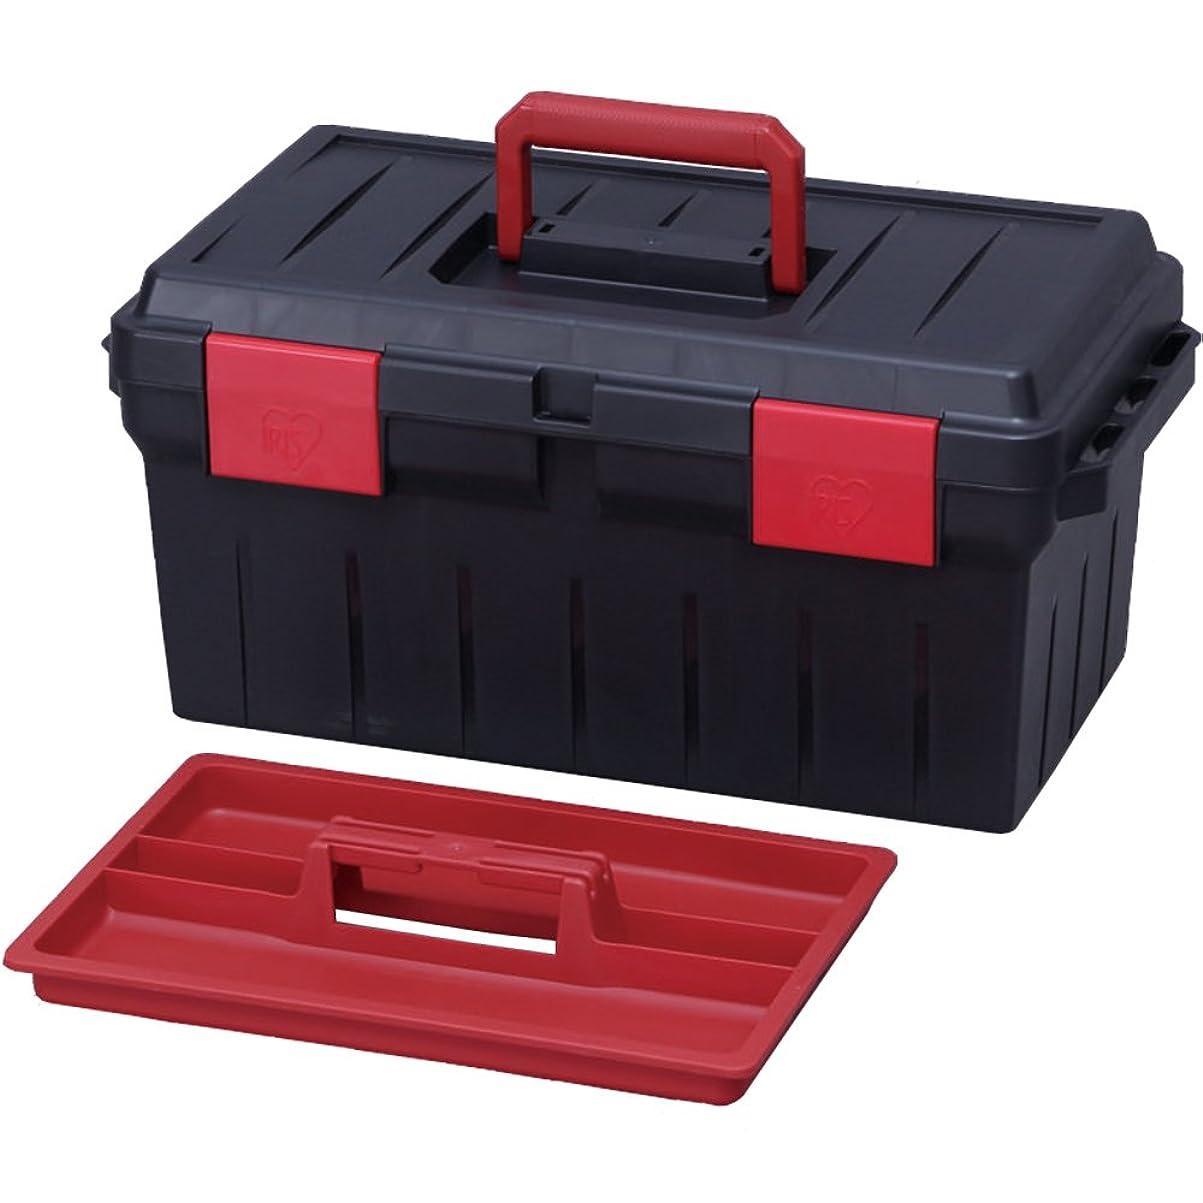 またね投資する差別アイリスオーヤマ 工具箱 ツールケース500 ダークグレー/レッド